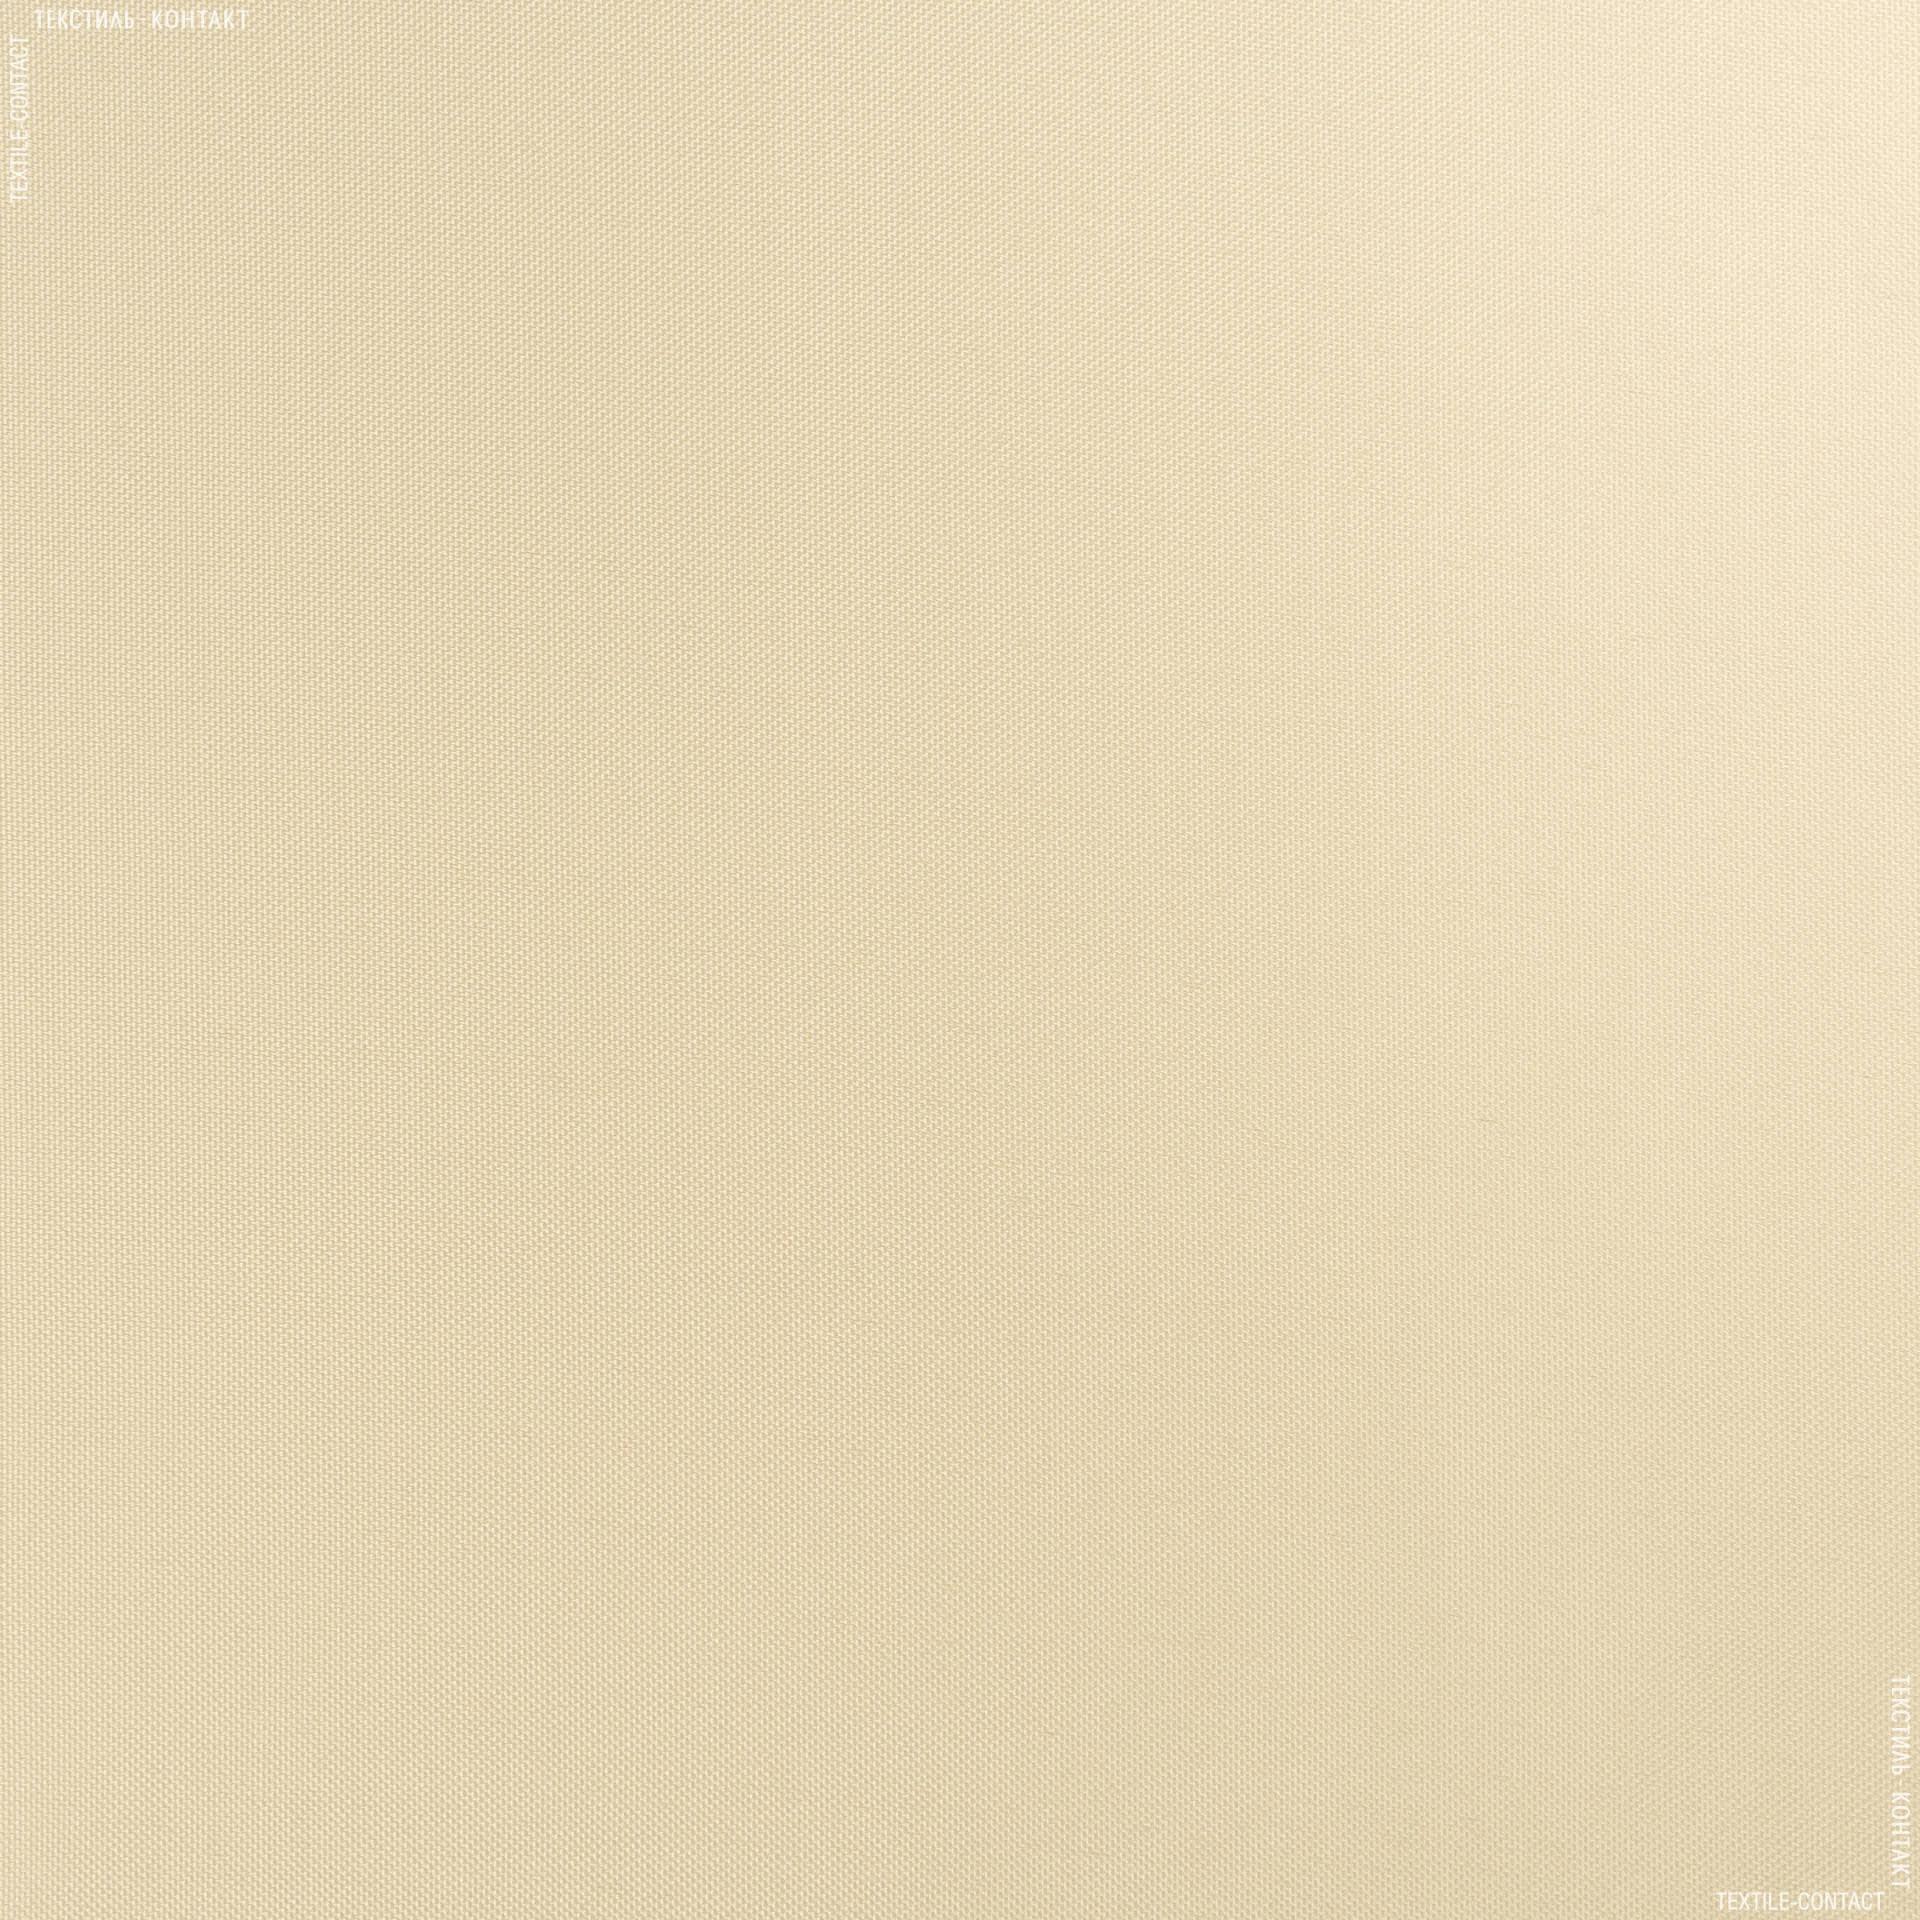 Ткани для банкетных и фуршетных юбок - Декоративная ткань земин  песок